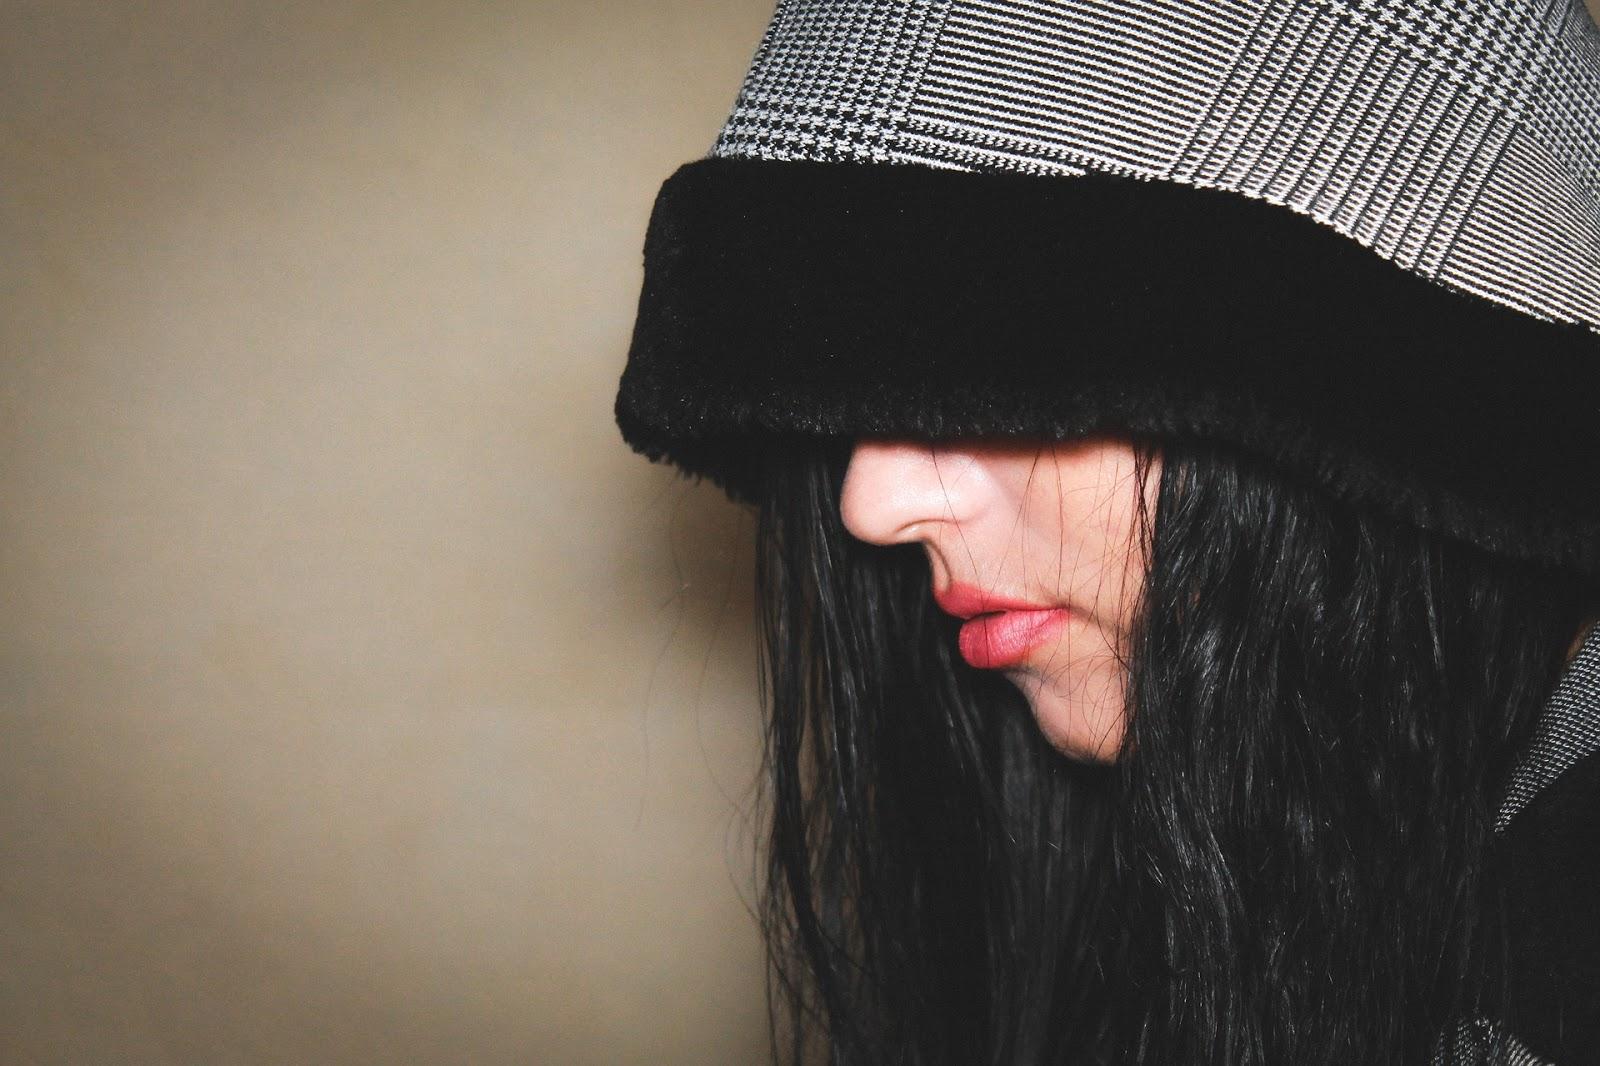 stylish sad girl pic